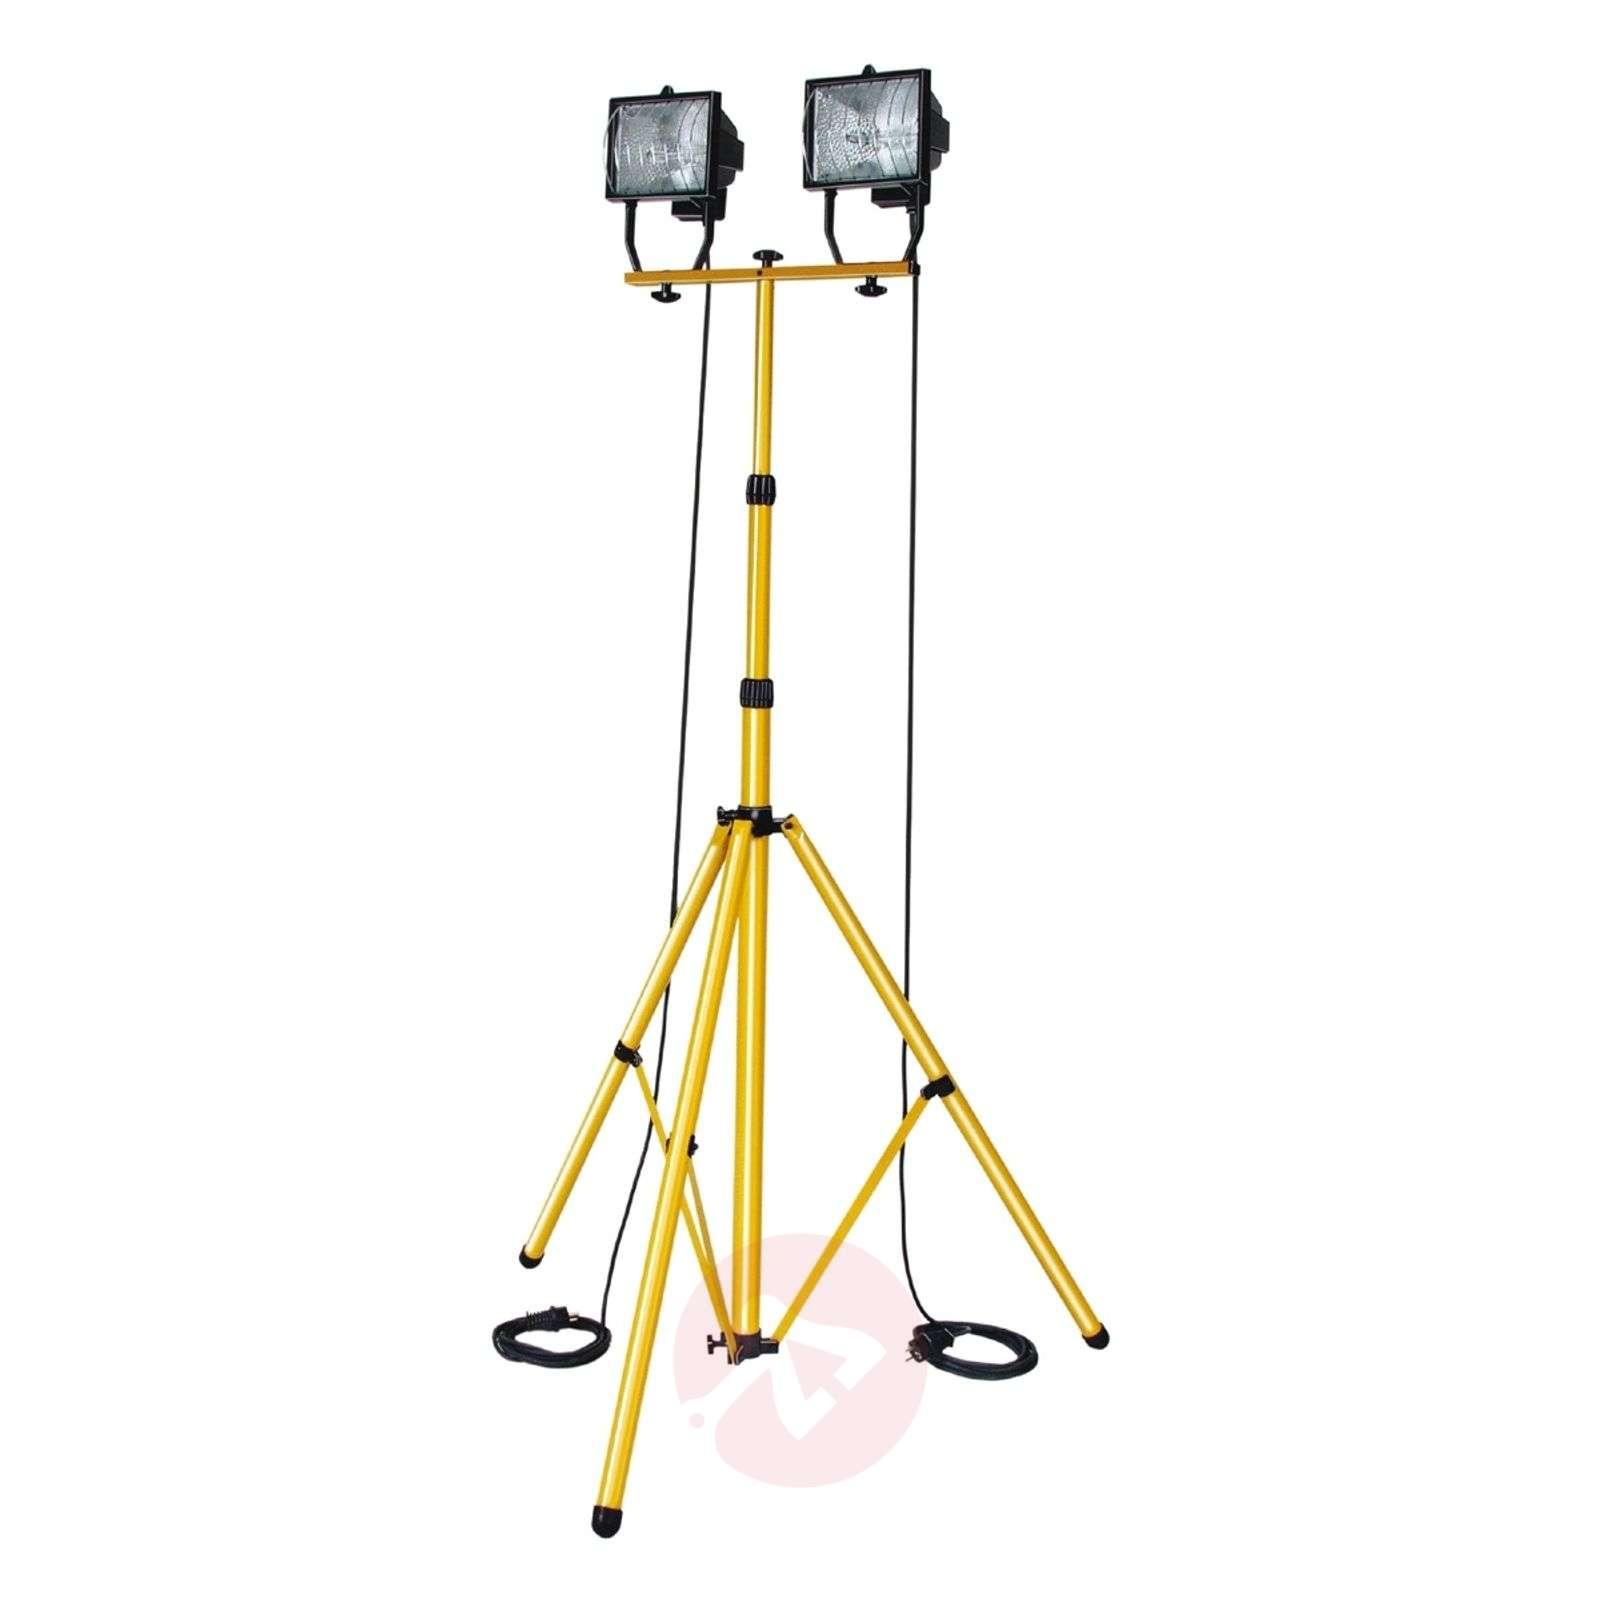 Brobusta ST 300-rakennusteleskooppijalusta-1540077-01